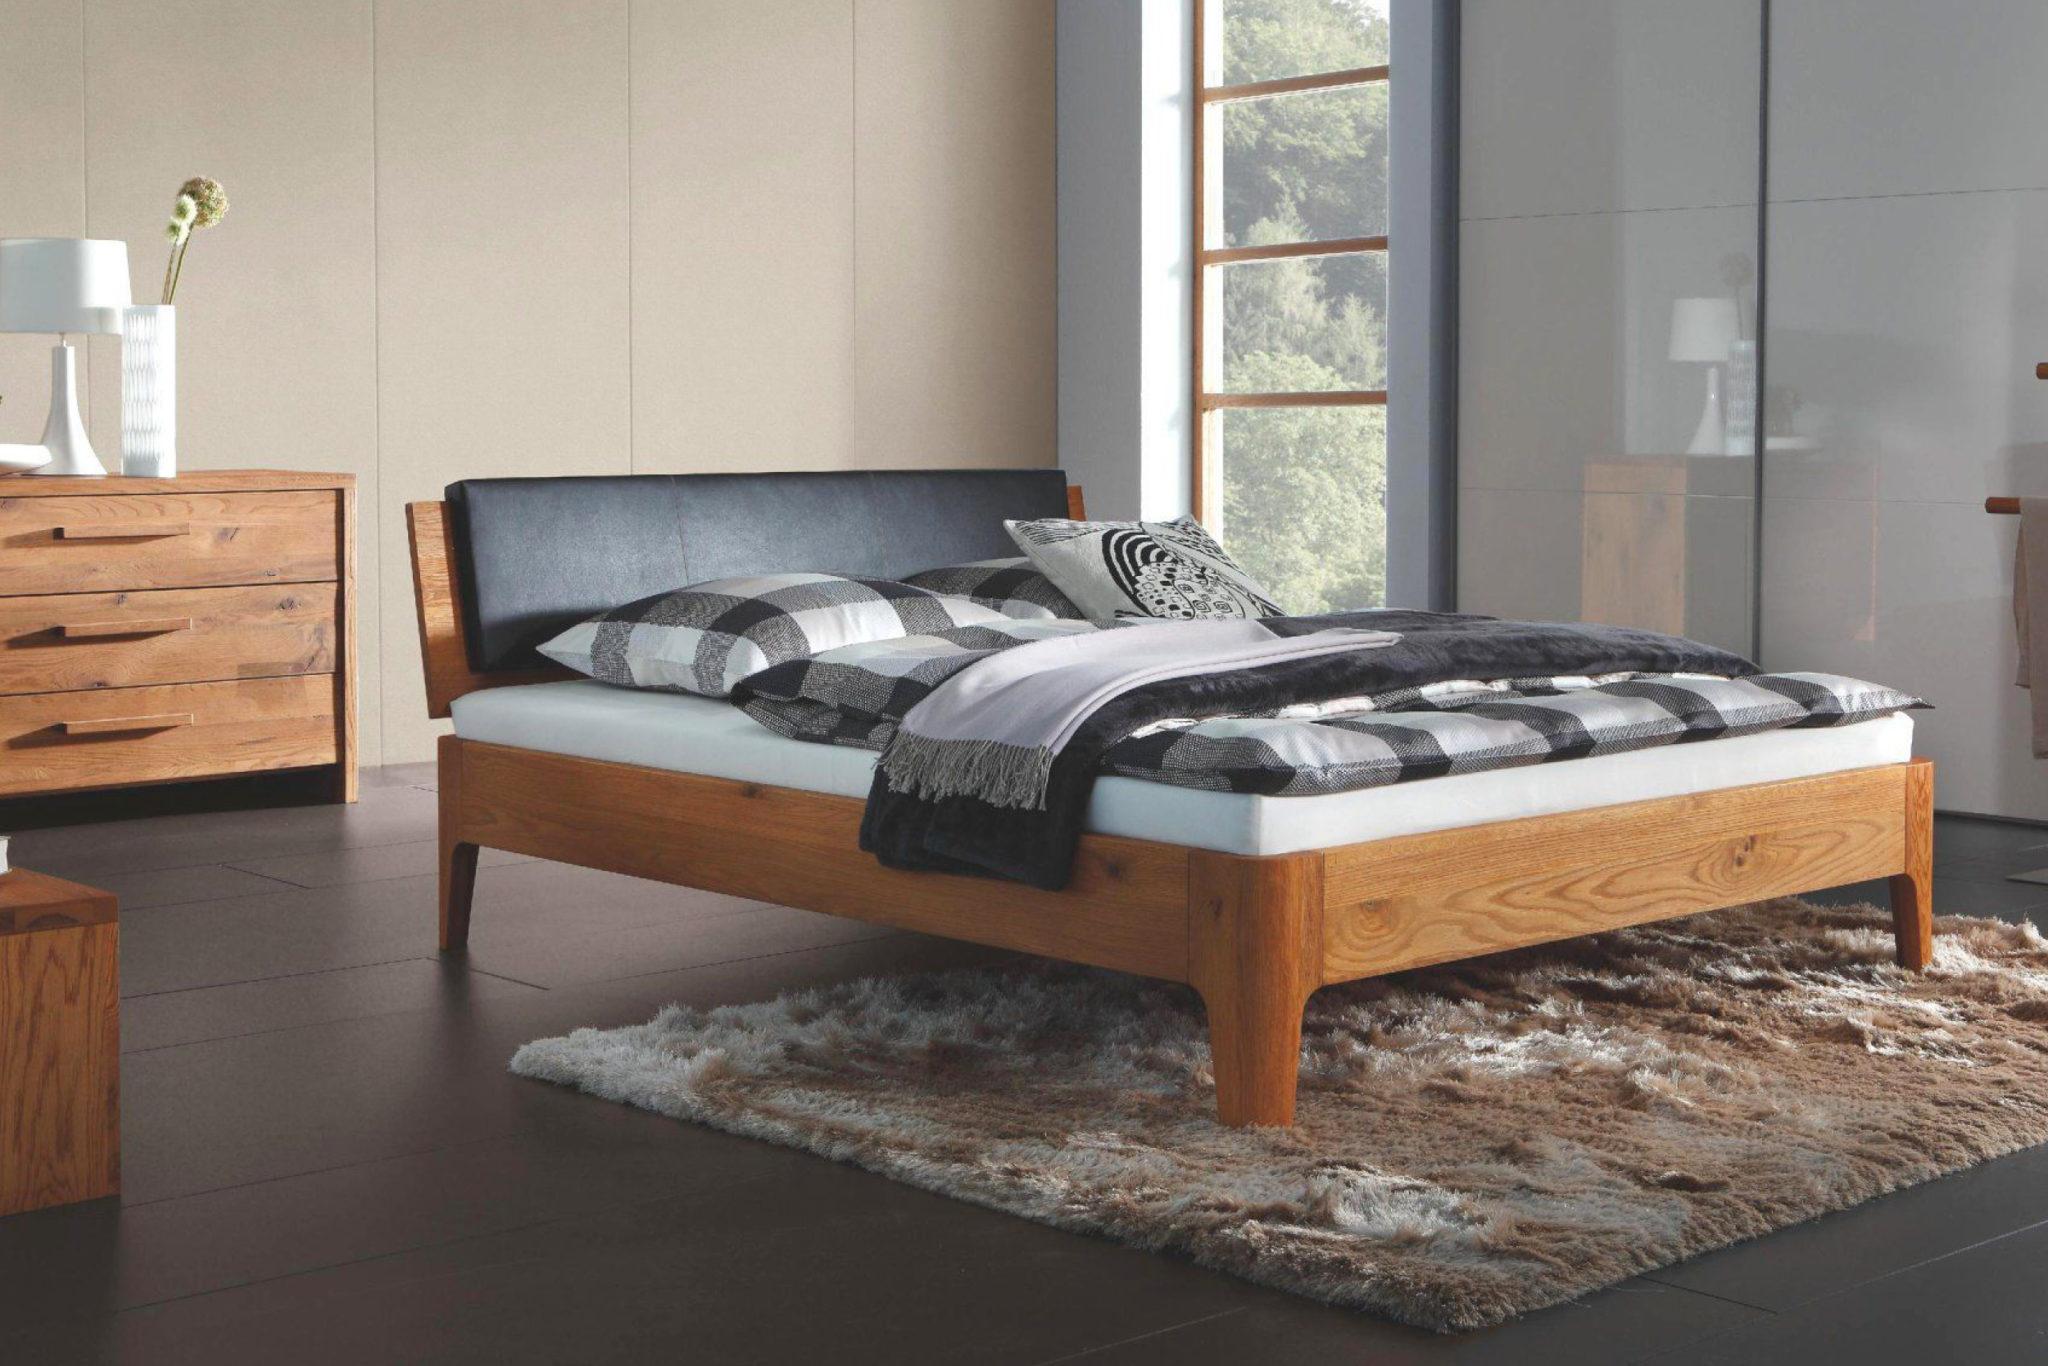 Кровать: история и современность